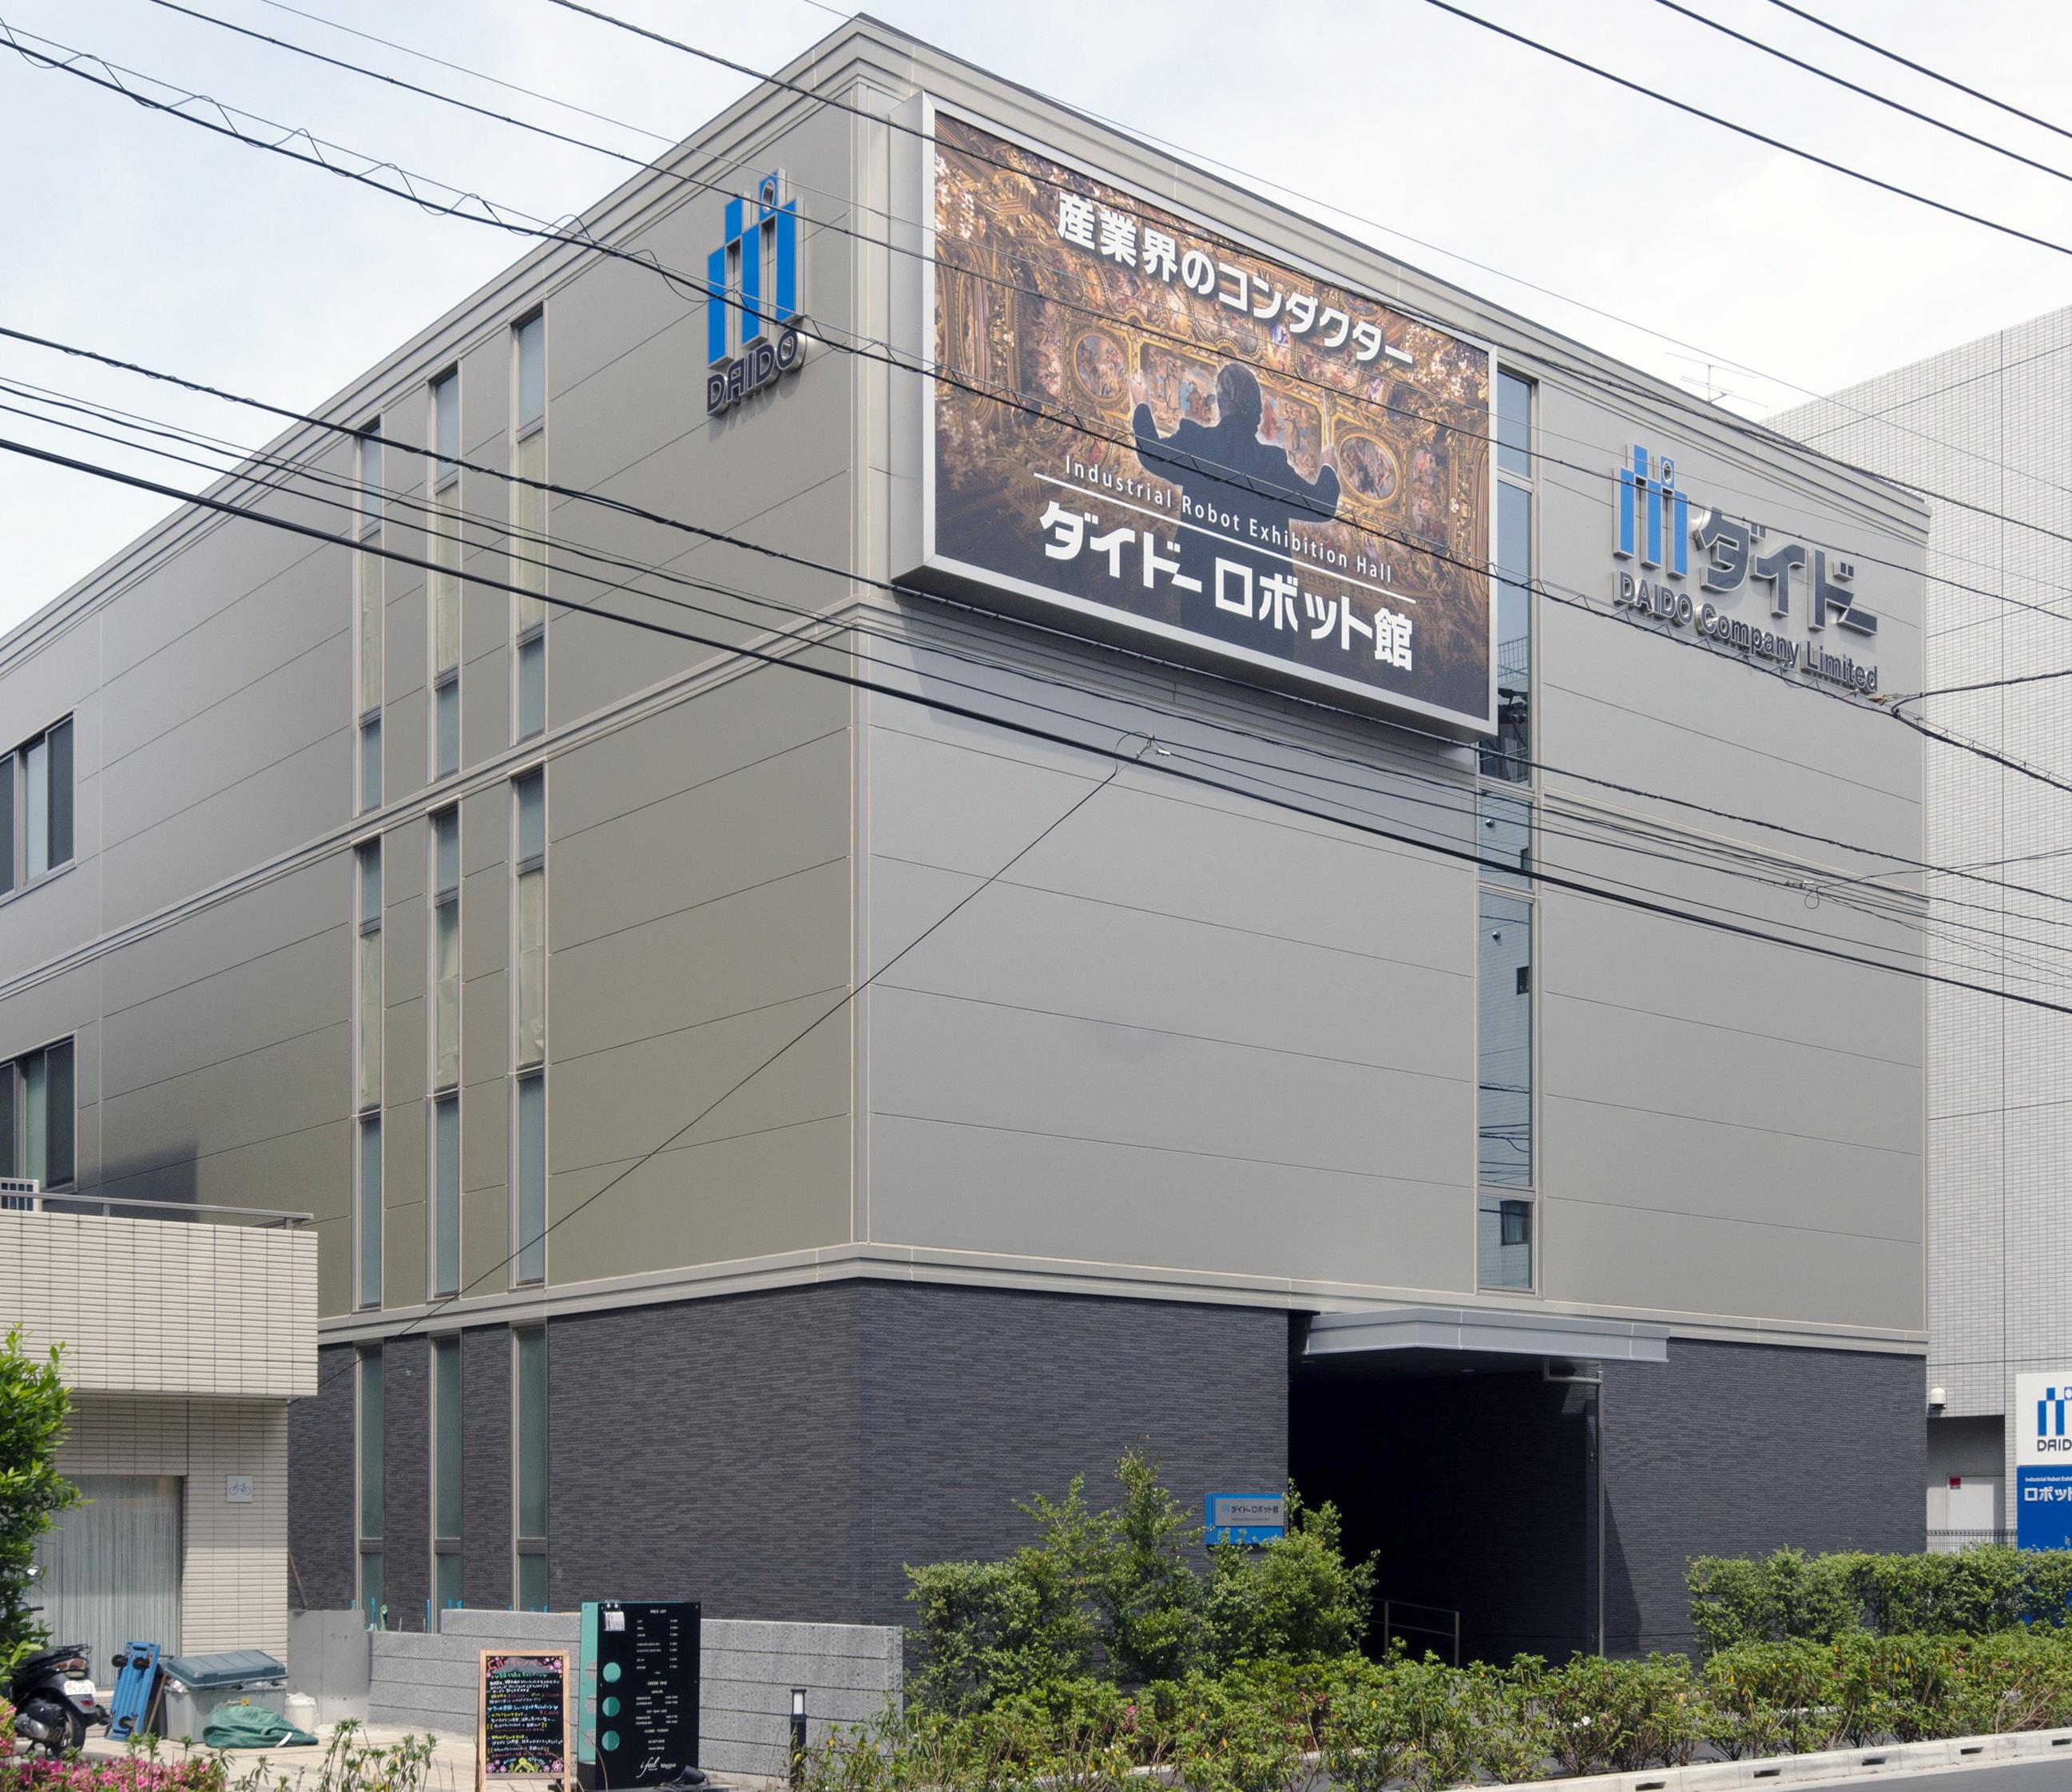 ダイドー 東京にもロボット館<br>投資額は約30億円